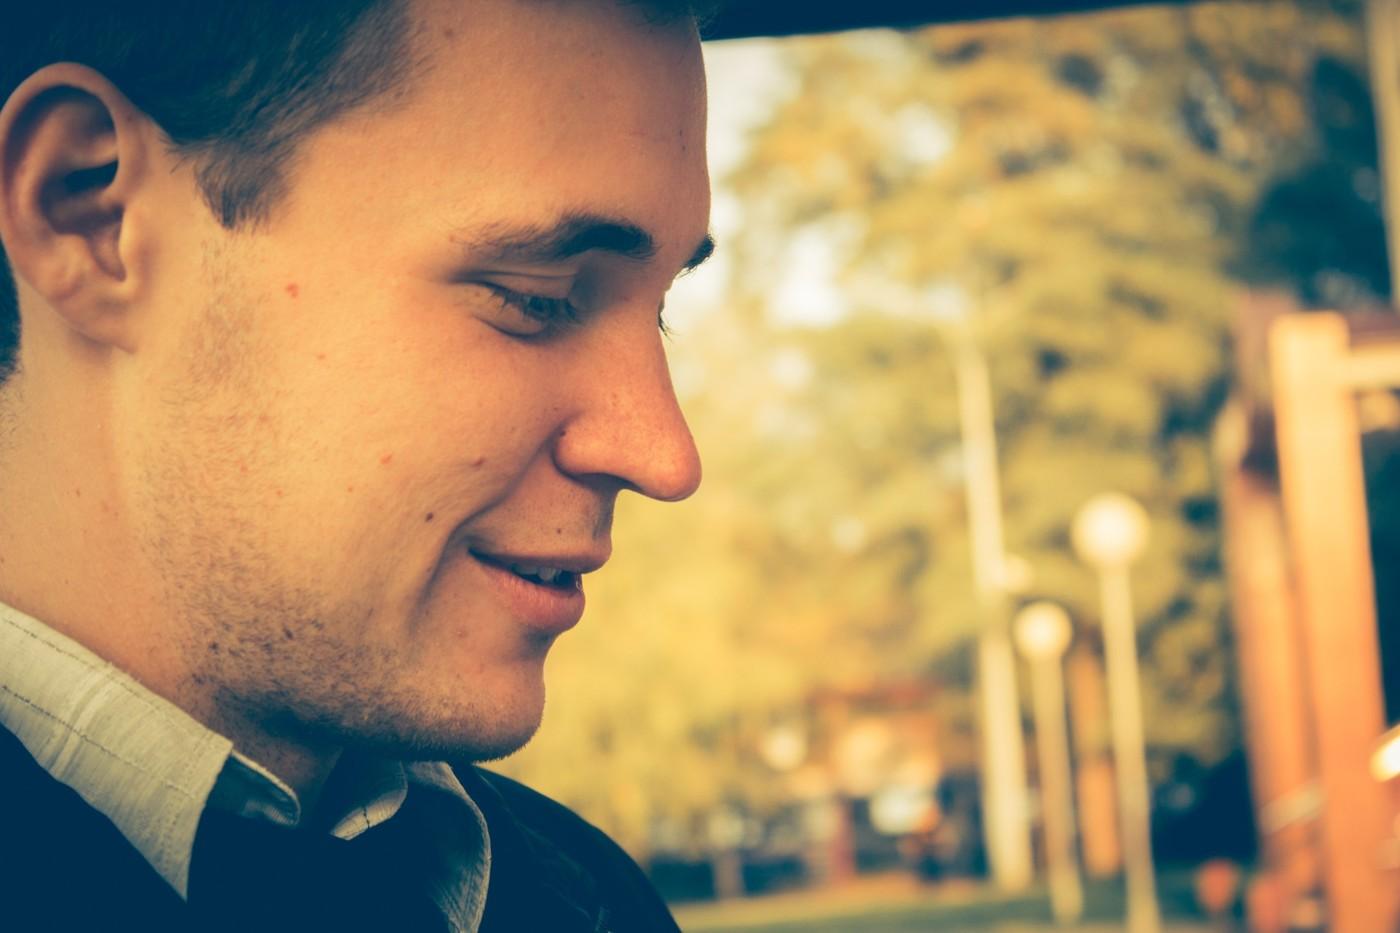 Alexei Smirnov